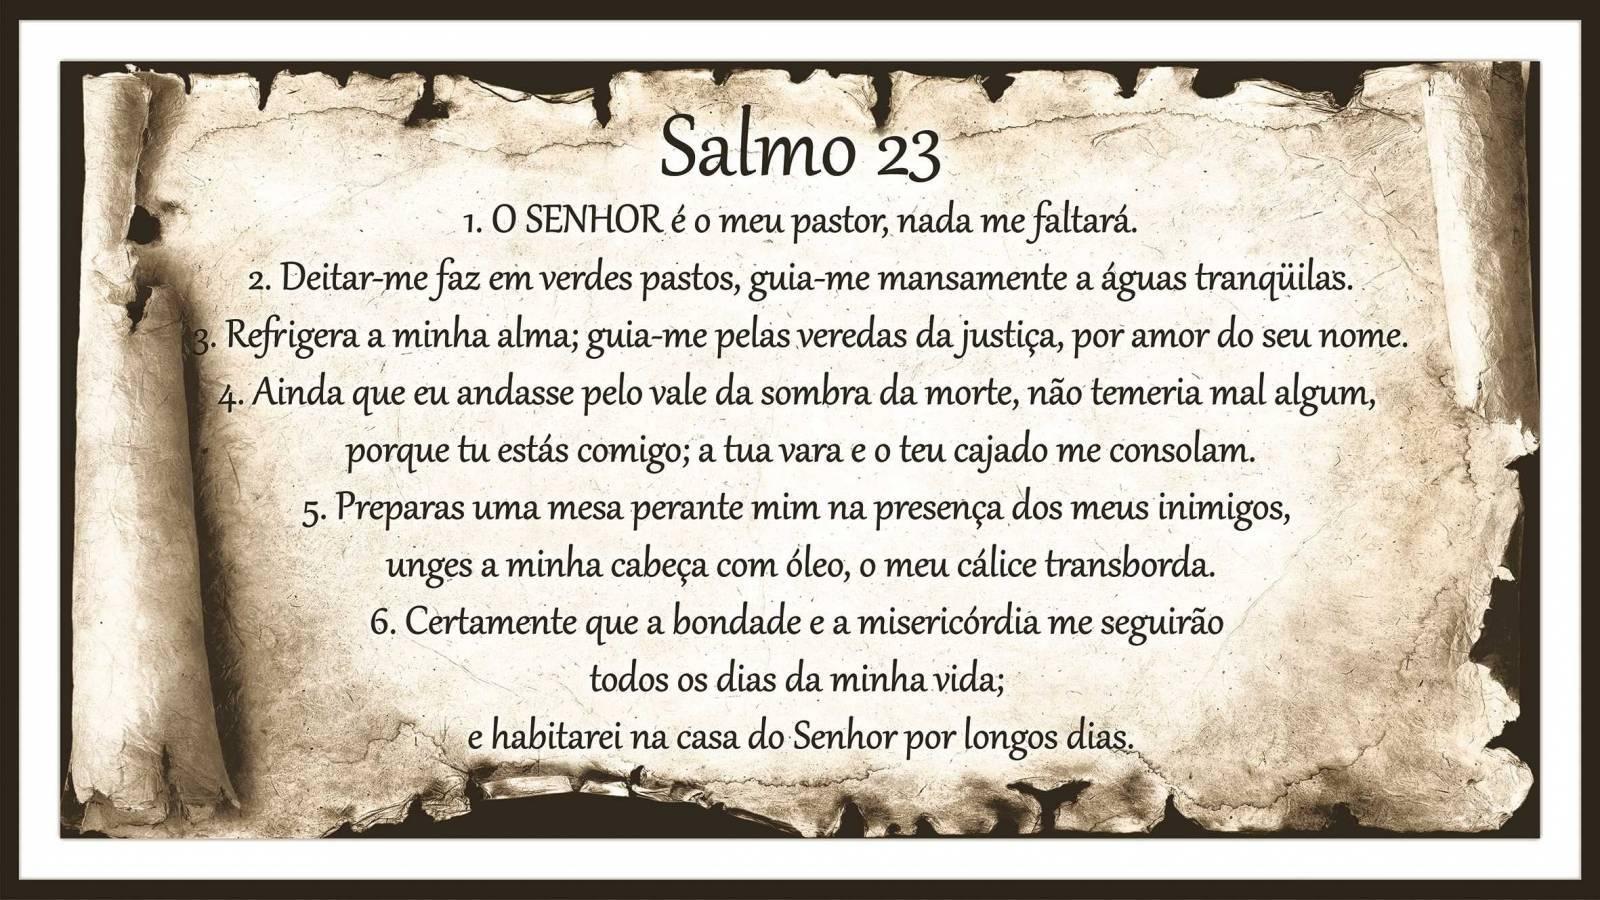 Salmo 23 Pergaminho